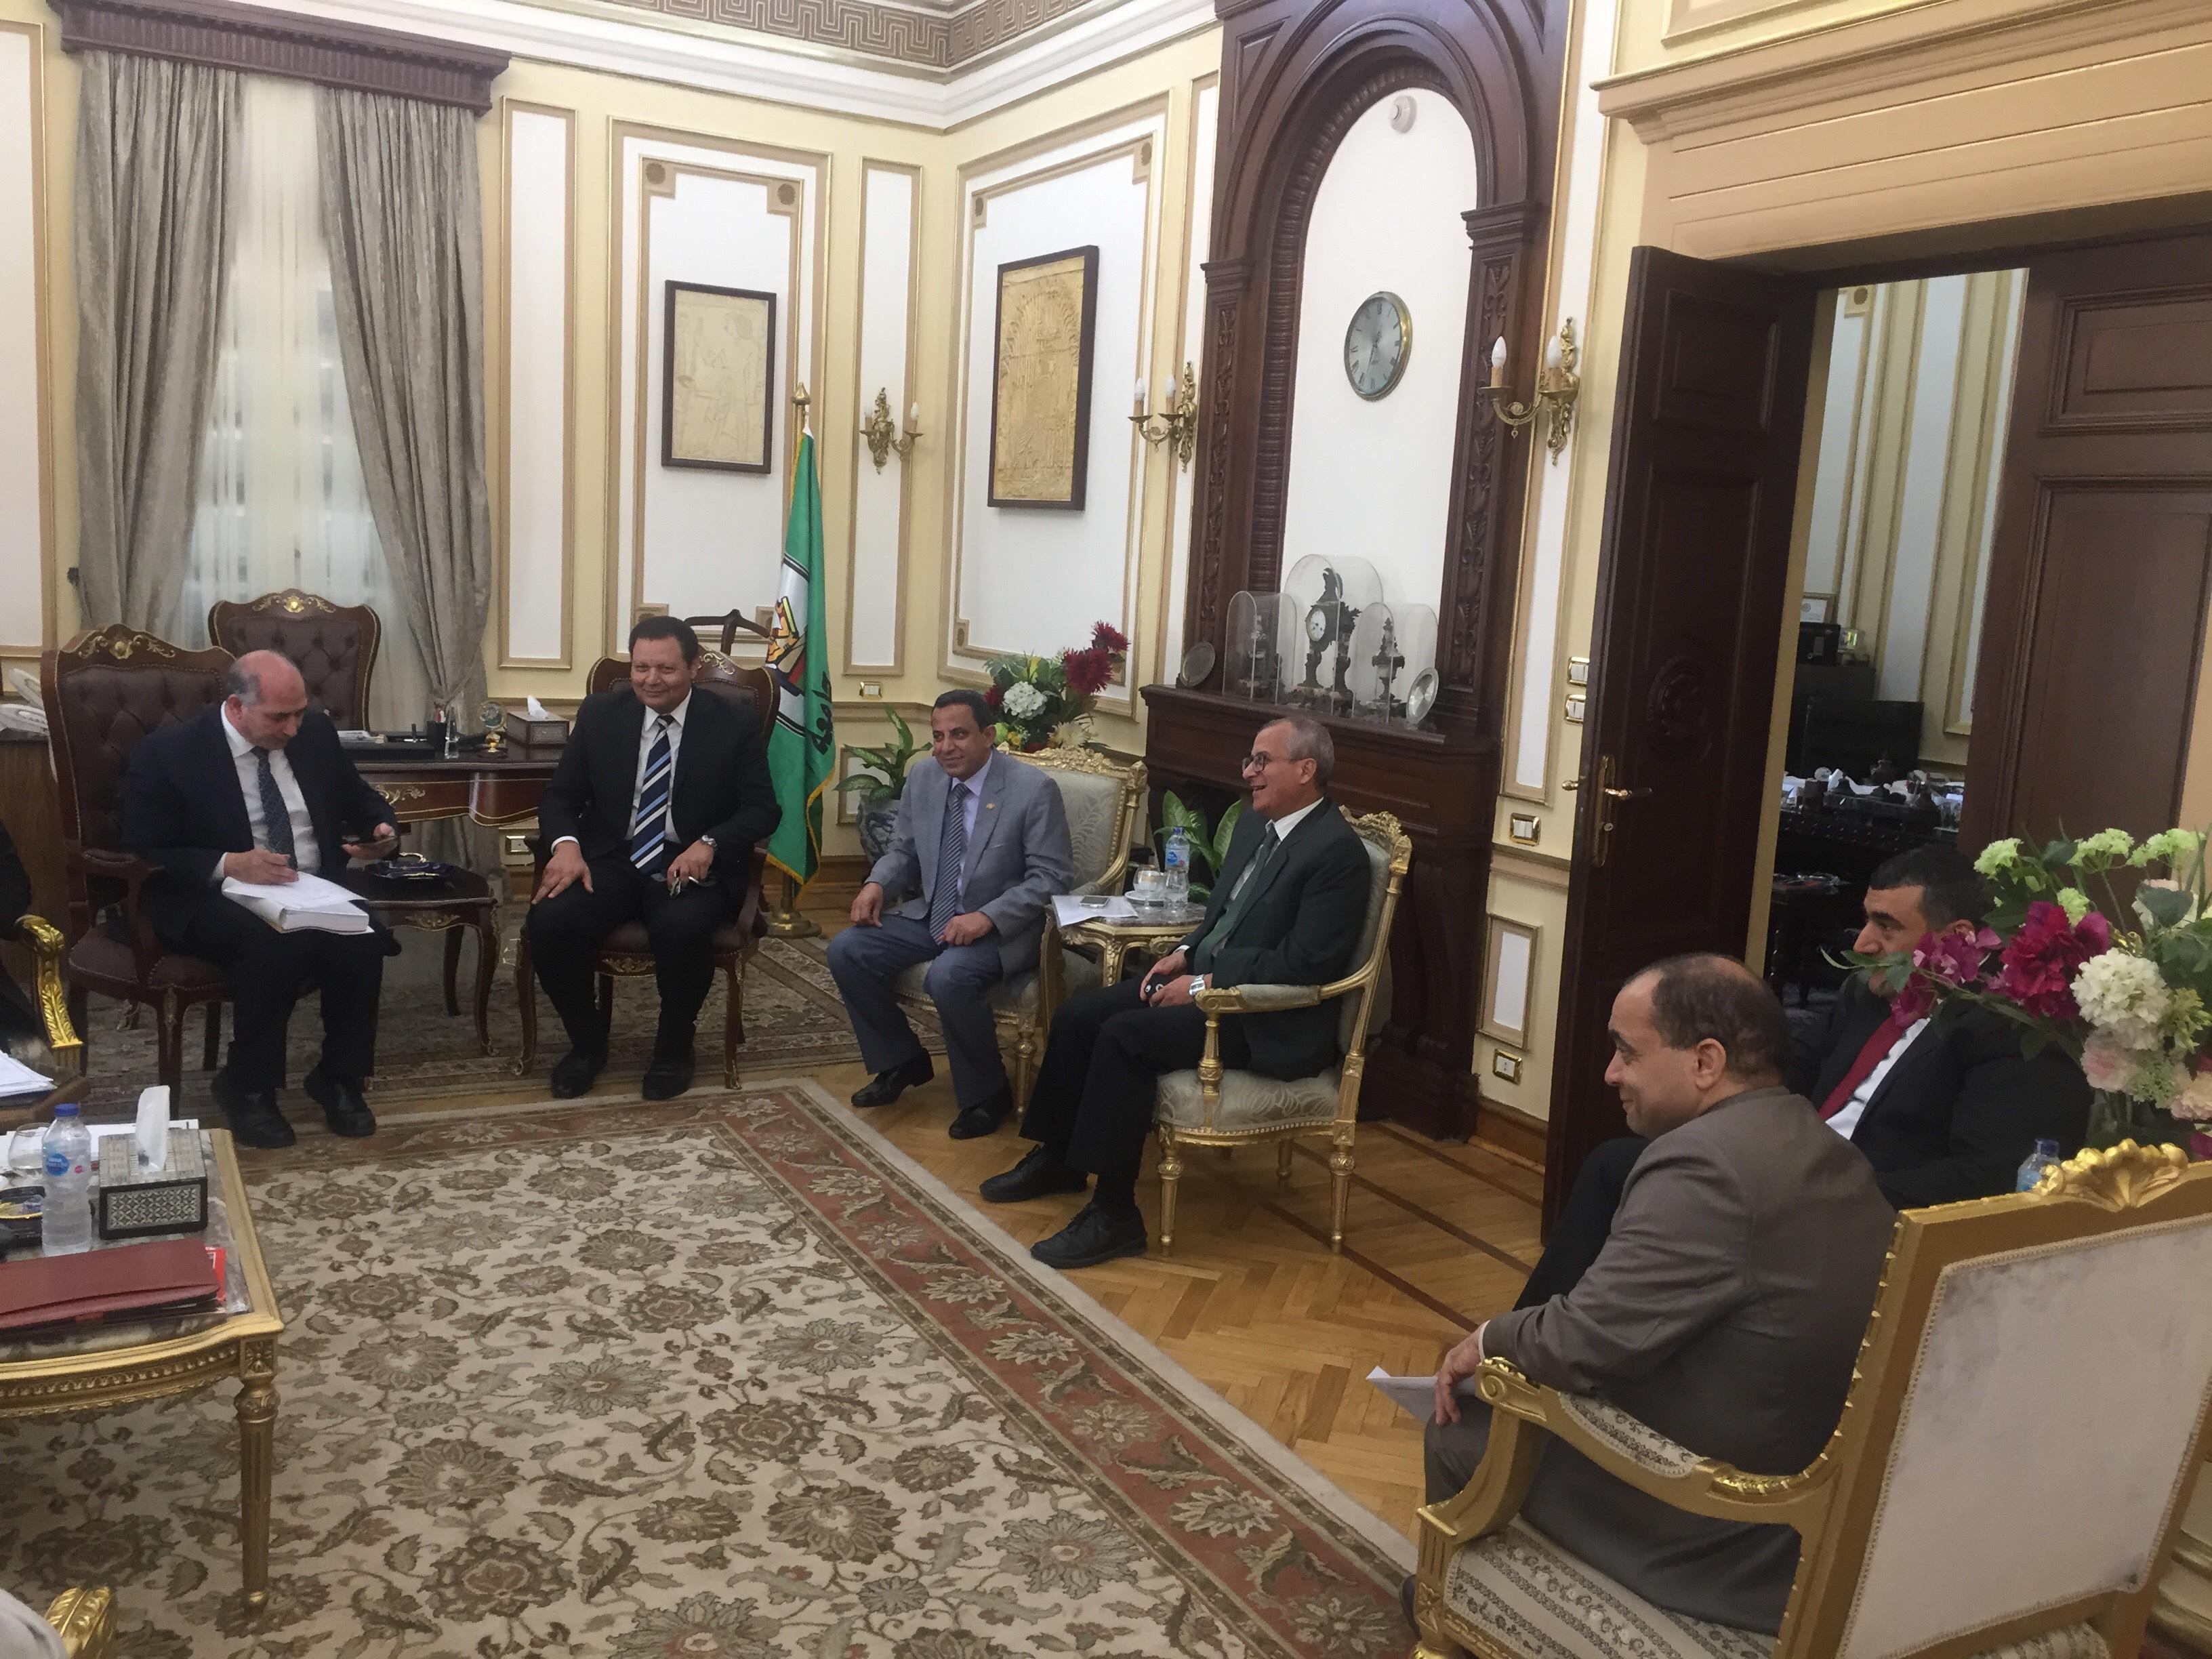 . رئيس جامعة القاهرة يستقبل محافظ الجيزة بمكتبه لبحث استعدادات العام الدراسى الجديد (8)